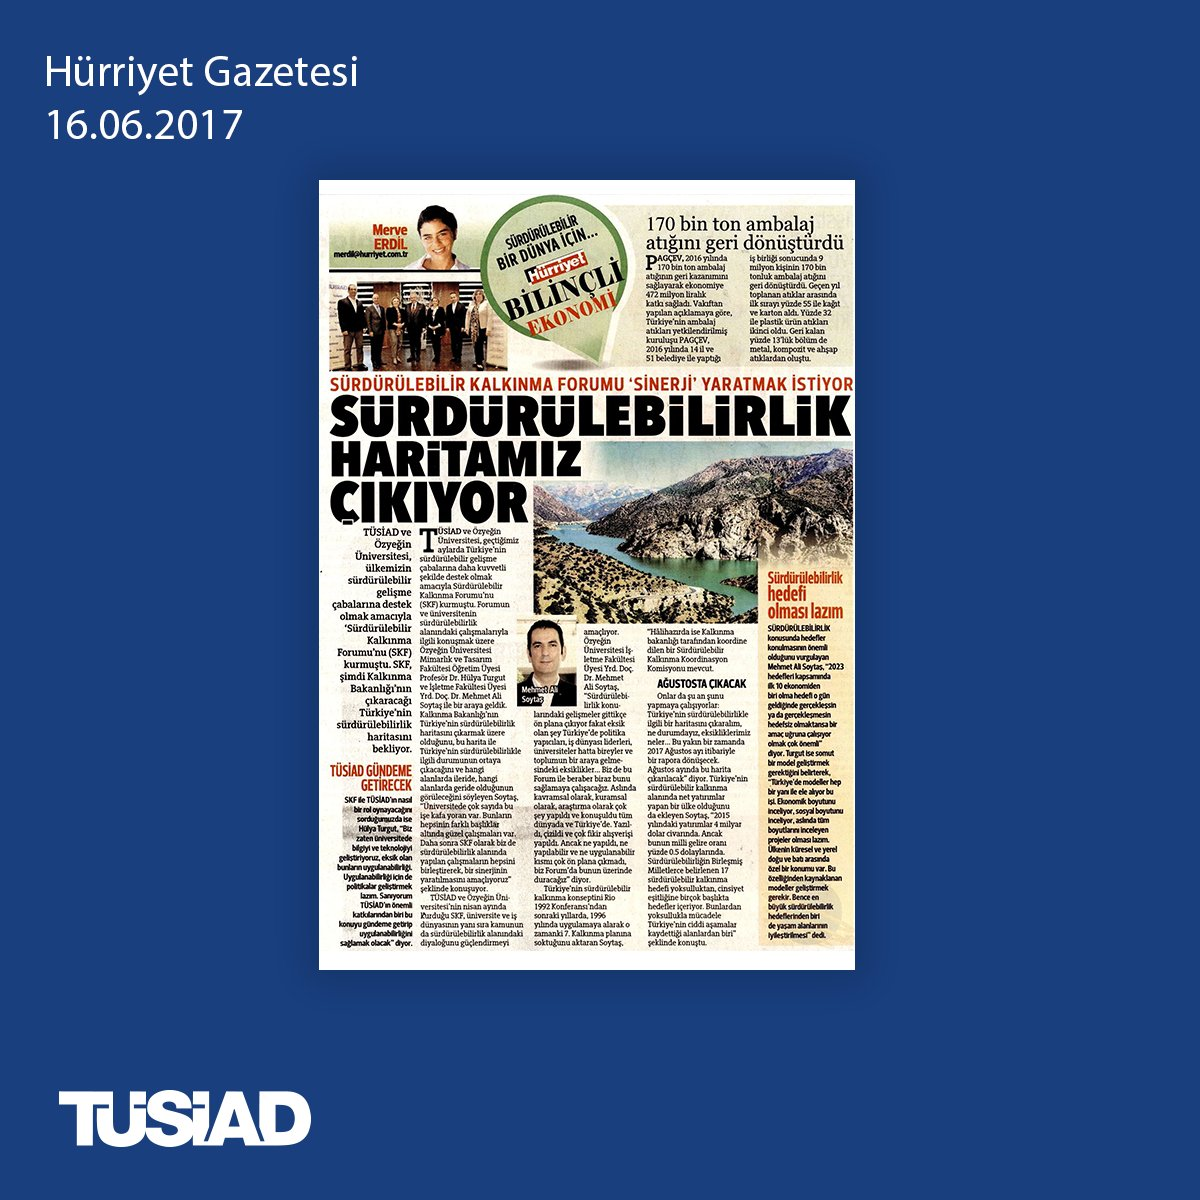 Sürdürülebilirlik haritamız çıkıyor. @Hurriyet Gazetesi, @merveerdill...